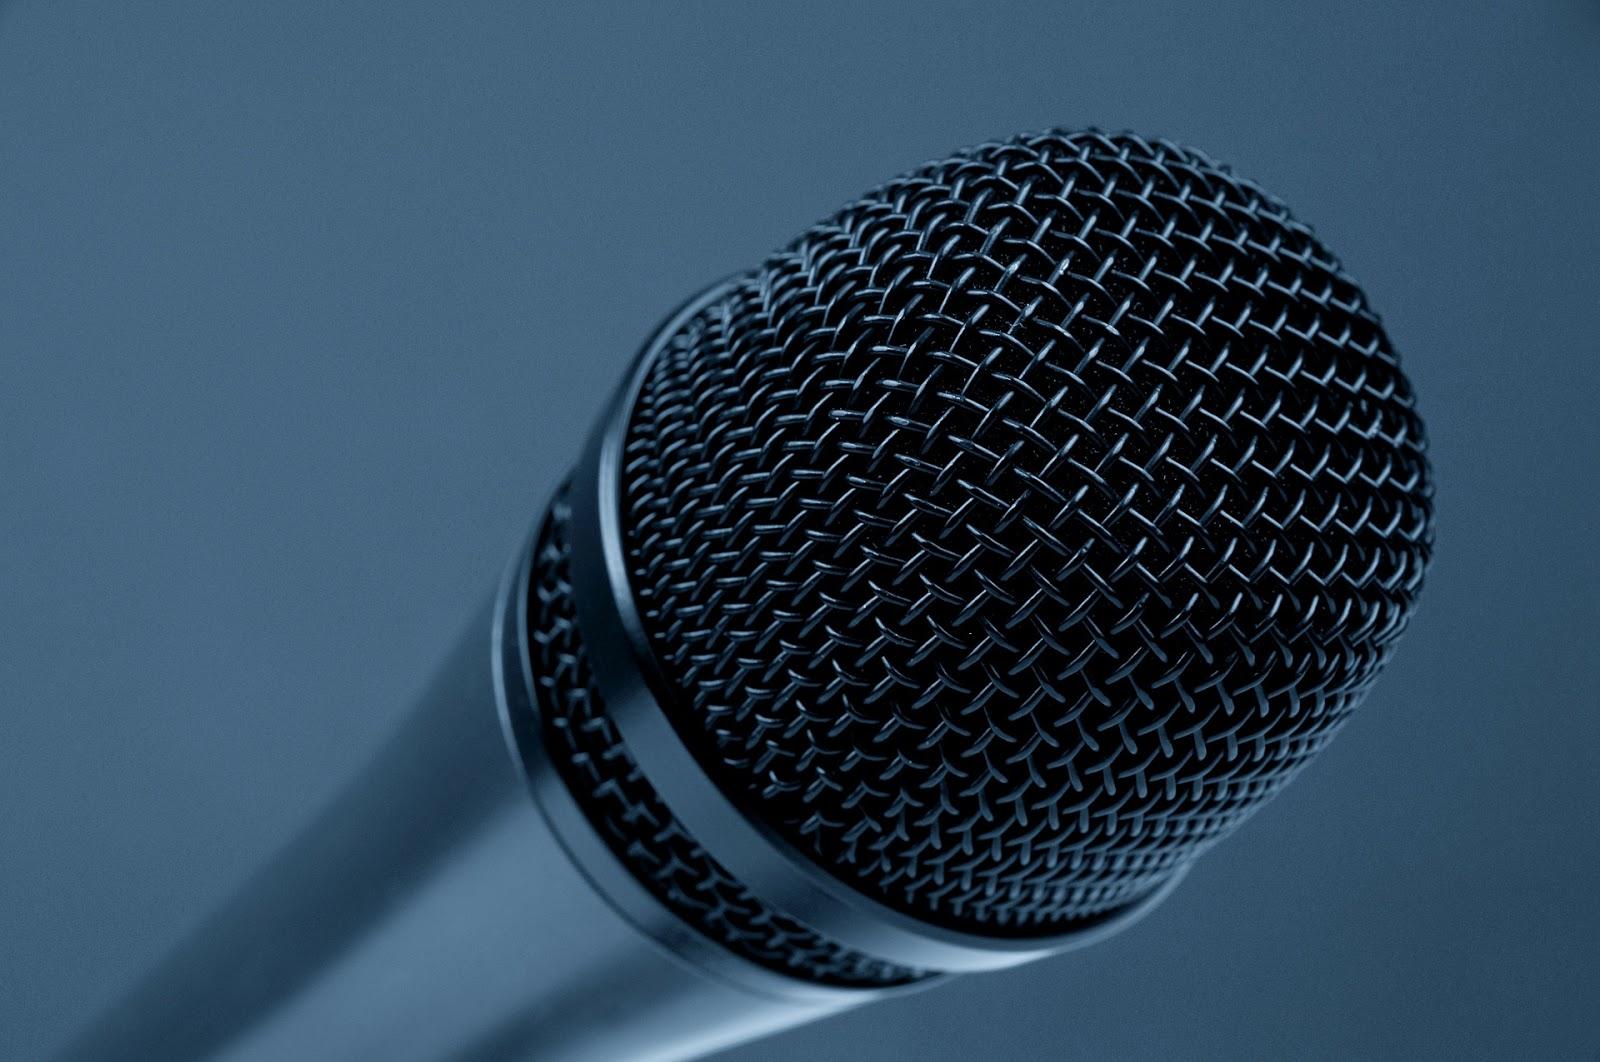 Nie ma jak sprzeczka przed mikrofonem